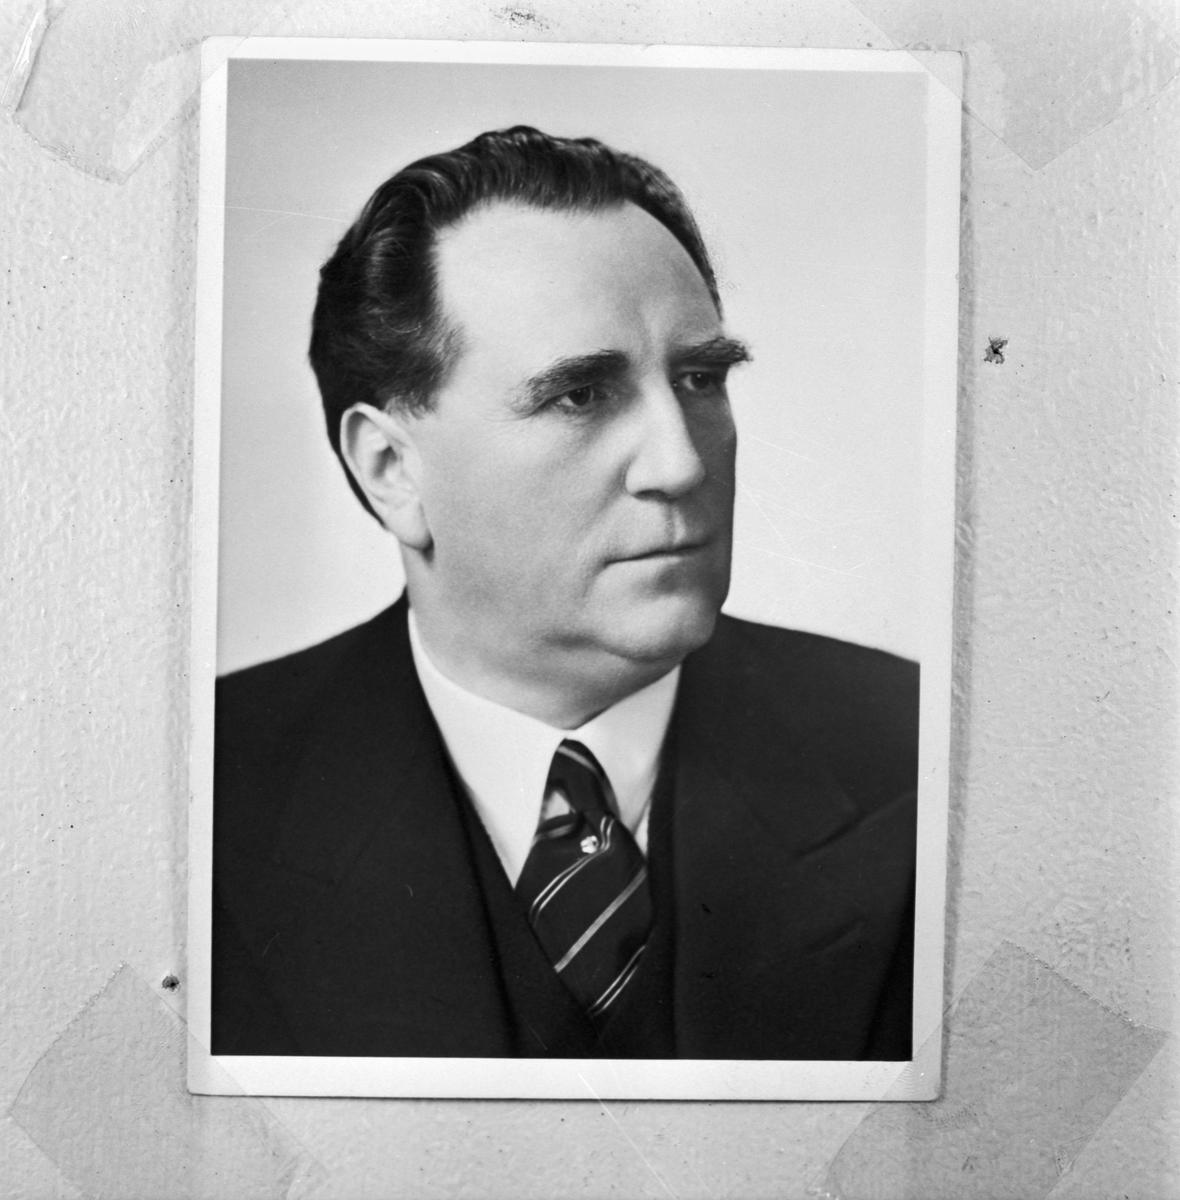 Övrigt: Foto datum: 15/10 1957 Byggnader och kranar O.W Andersson. Närmast identisk bild: V14106, ej skannad